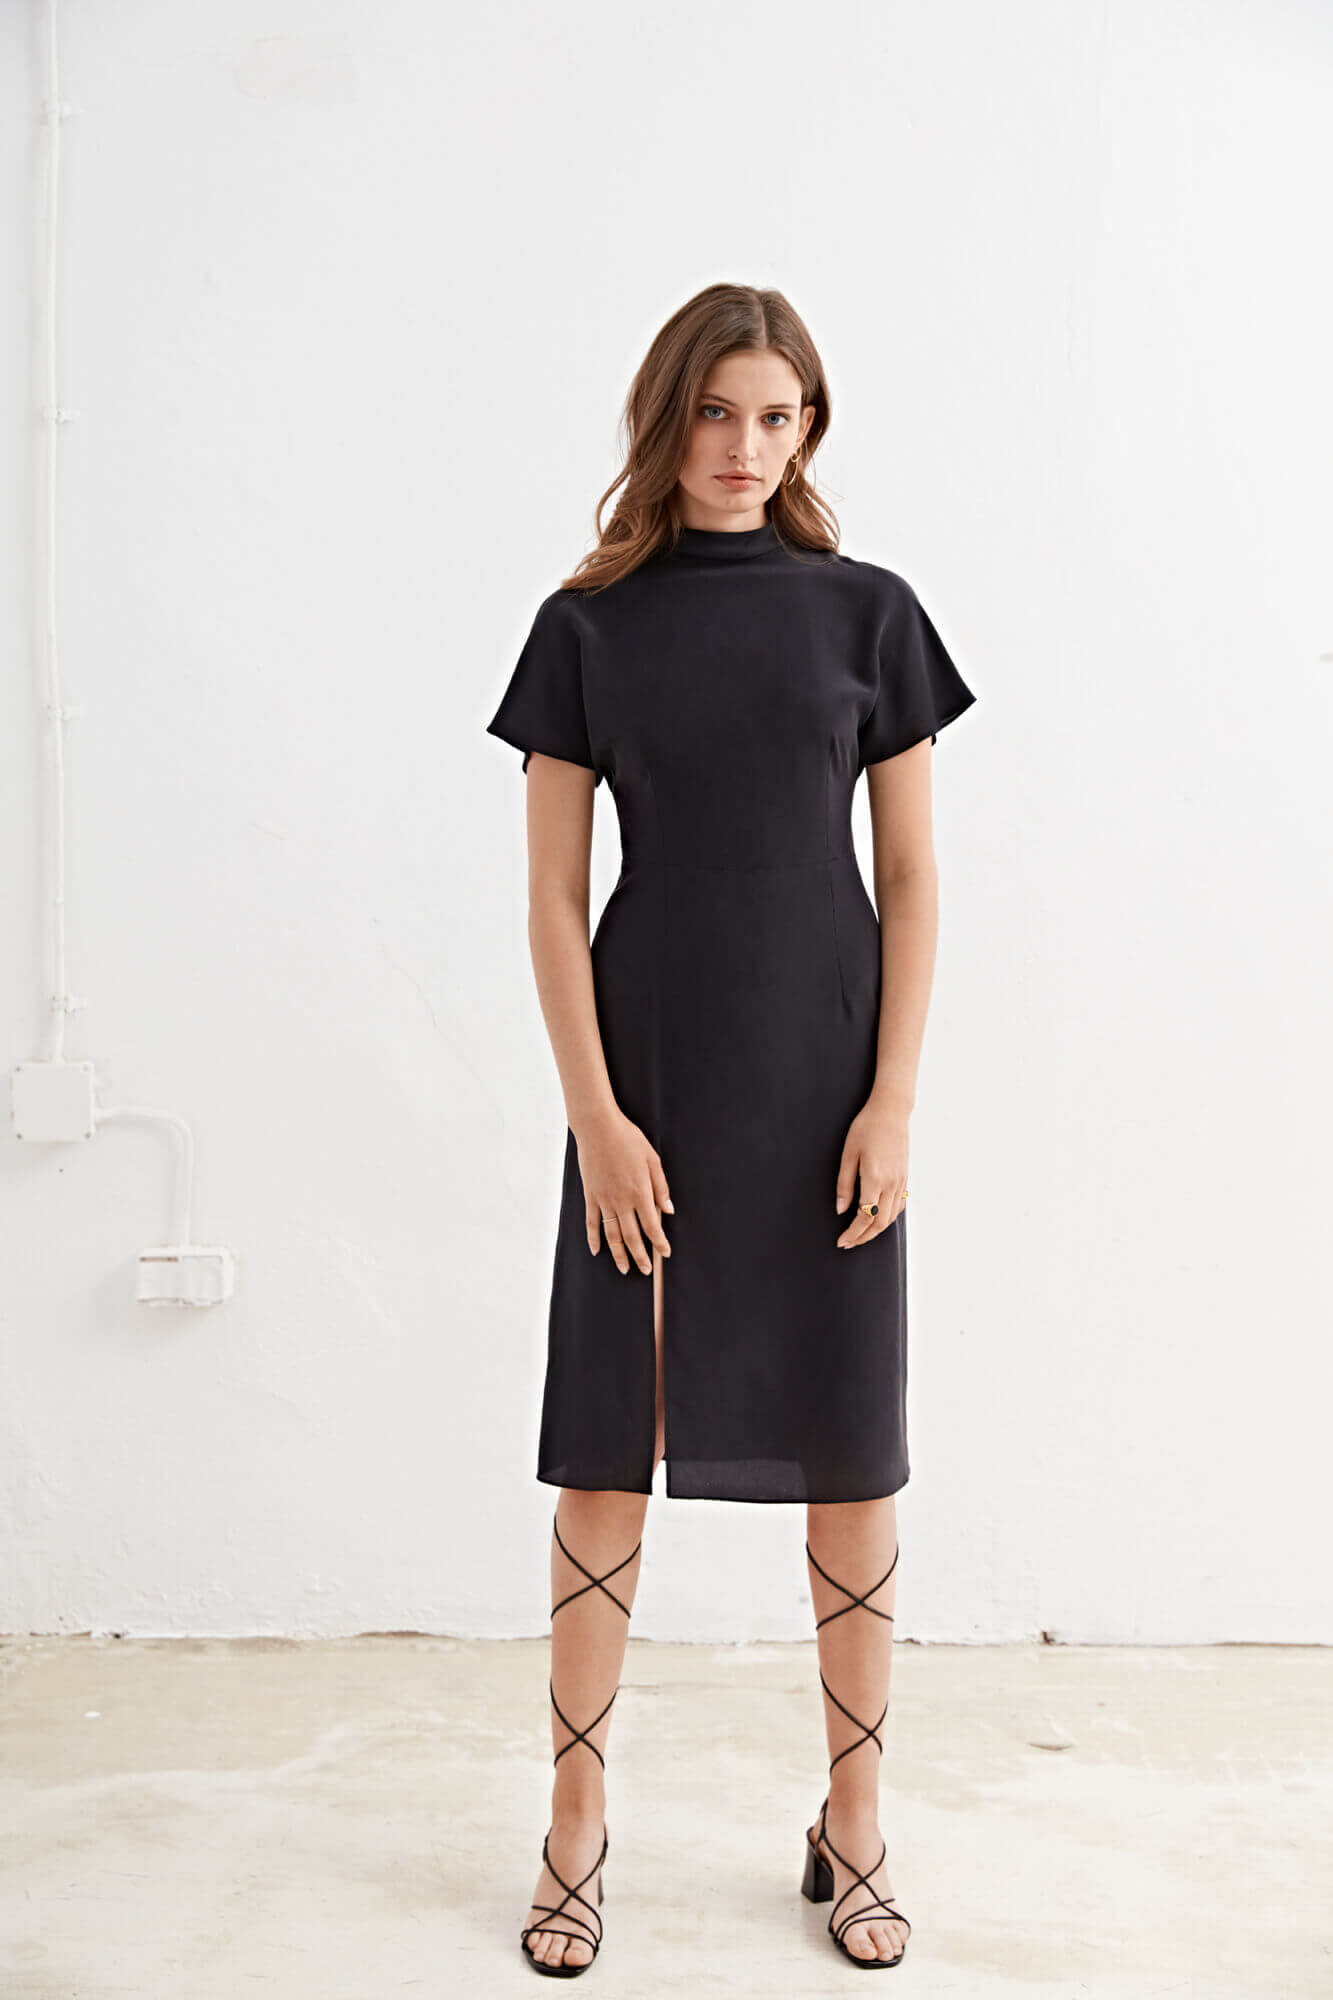 una chica lleva un vestido negro de AlexKo